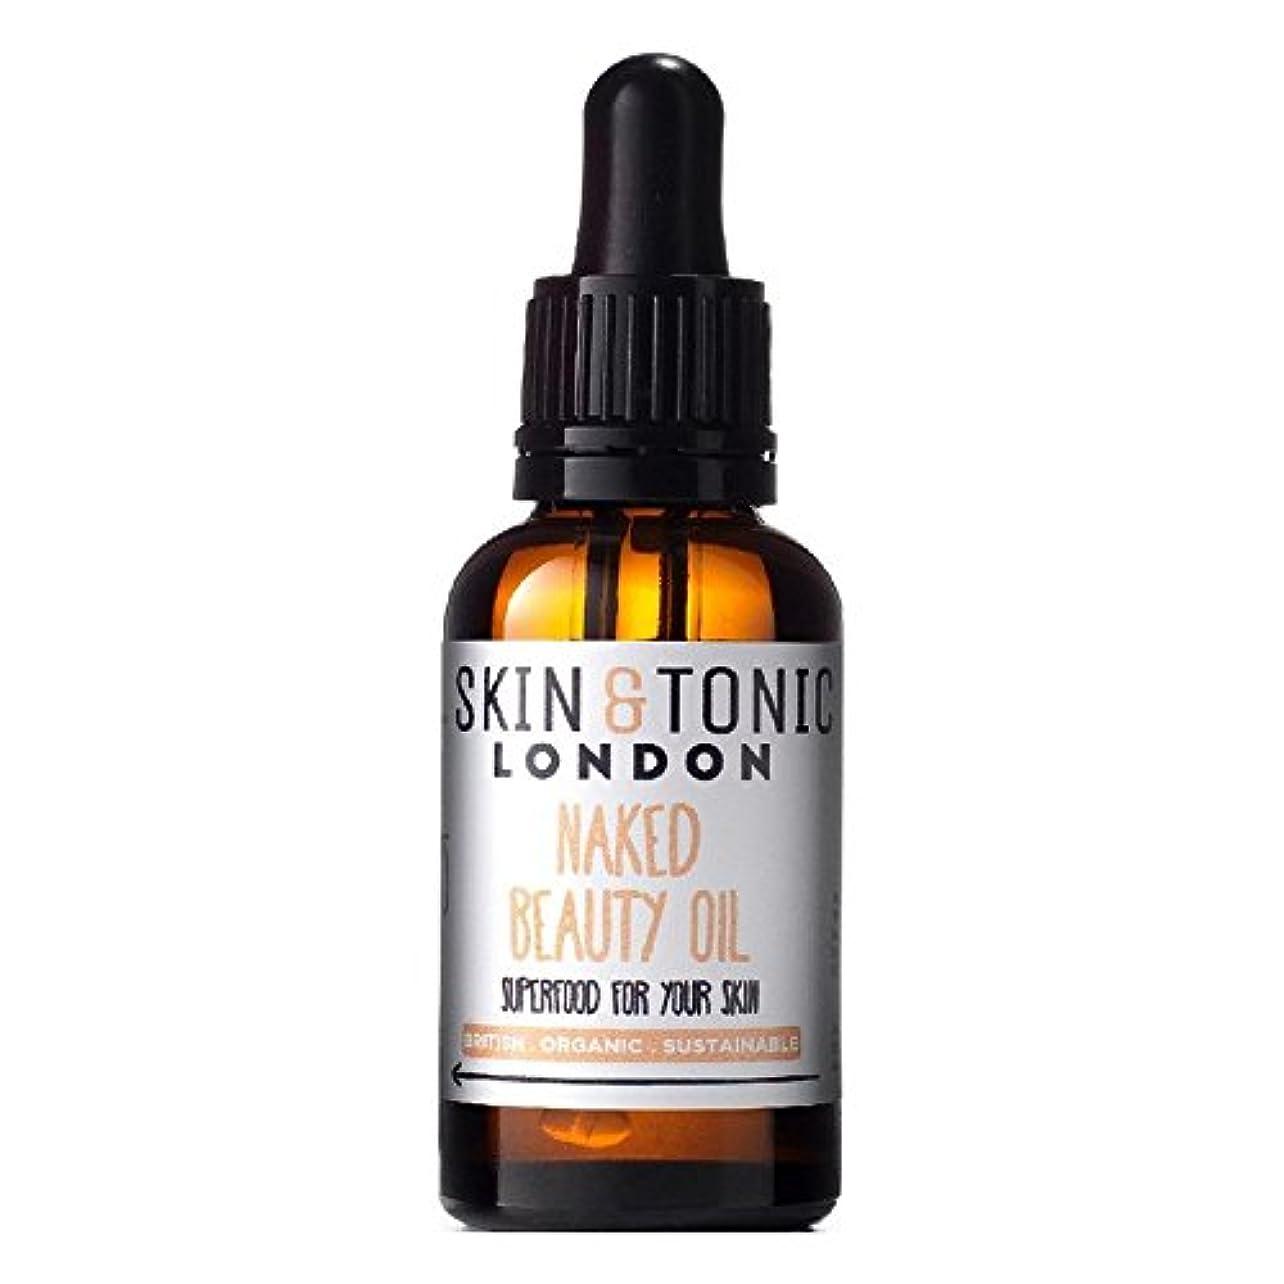 厚いよく話される同様にスキン&トニックロンドン裸の美容オイル30ミリリットル x4 - Skin & Tonic London Naked Beauty Oil 30ml (Pack of 4) [並行輸入品]